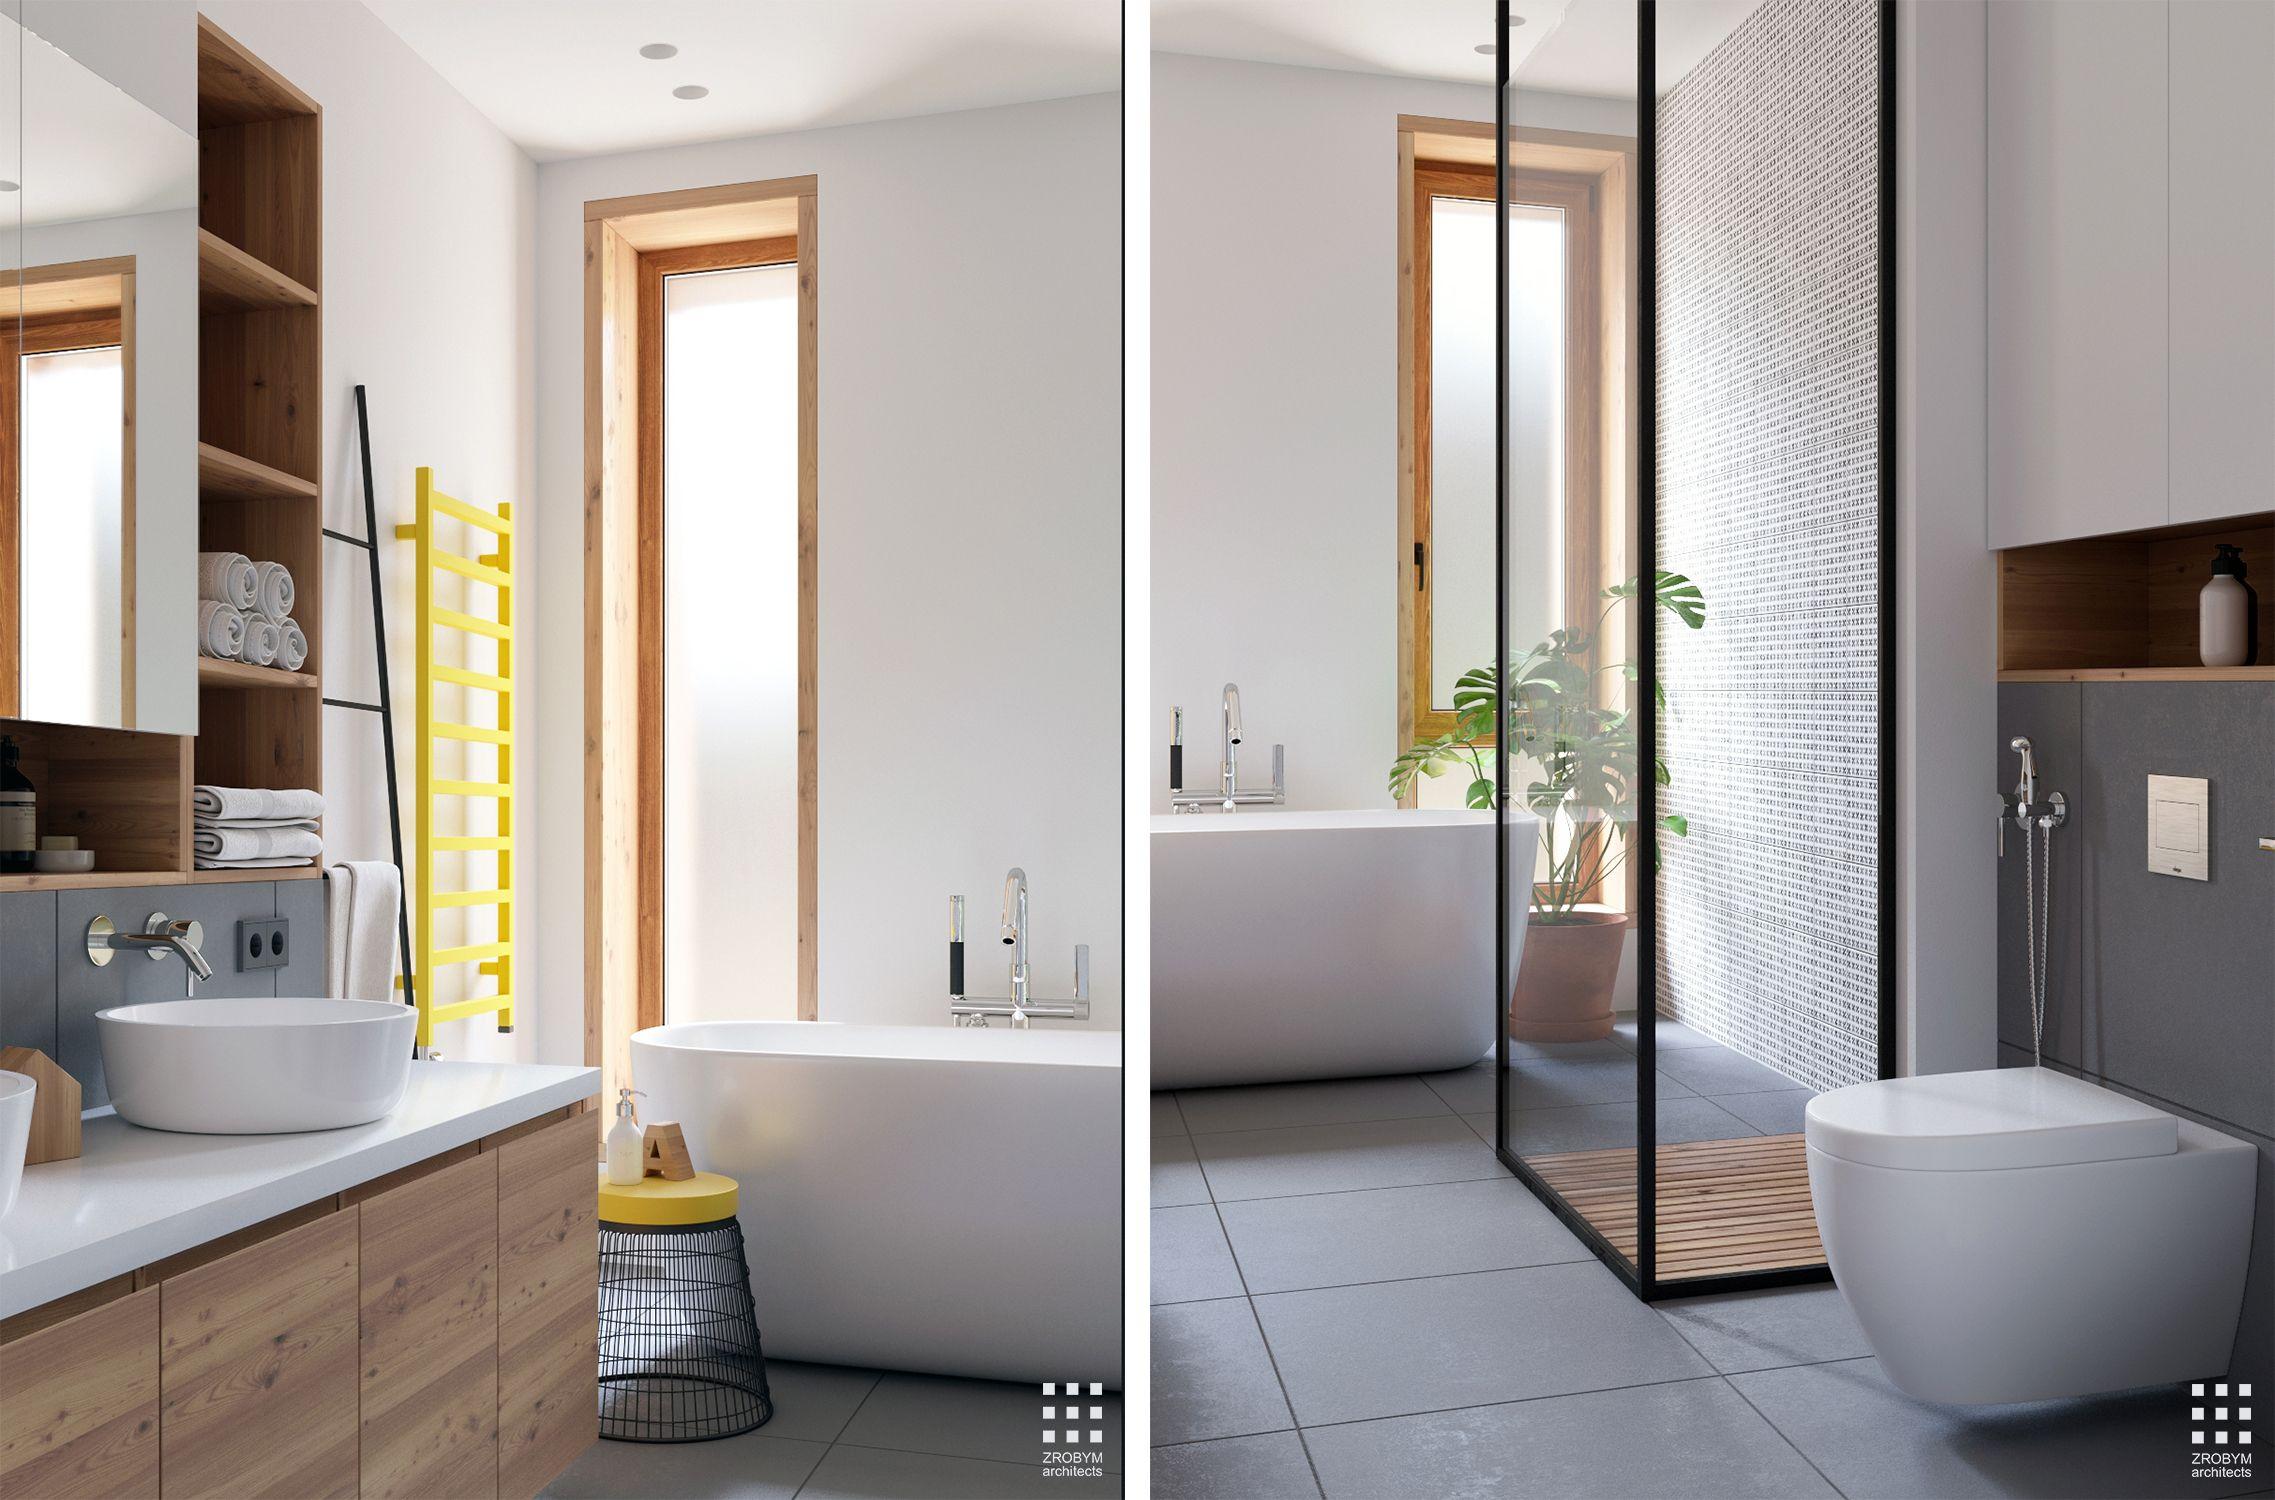 bad aan het raam lichtstroken ernaast pacte en minimale